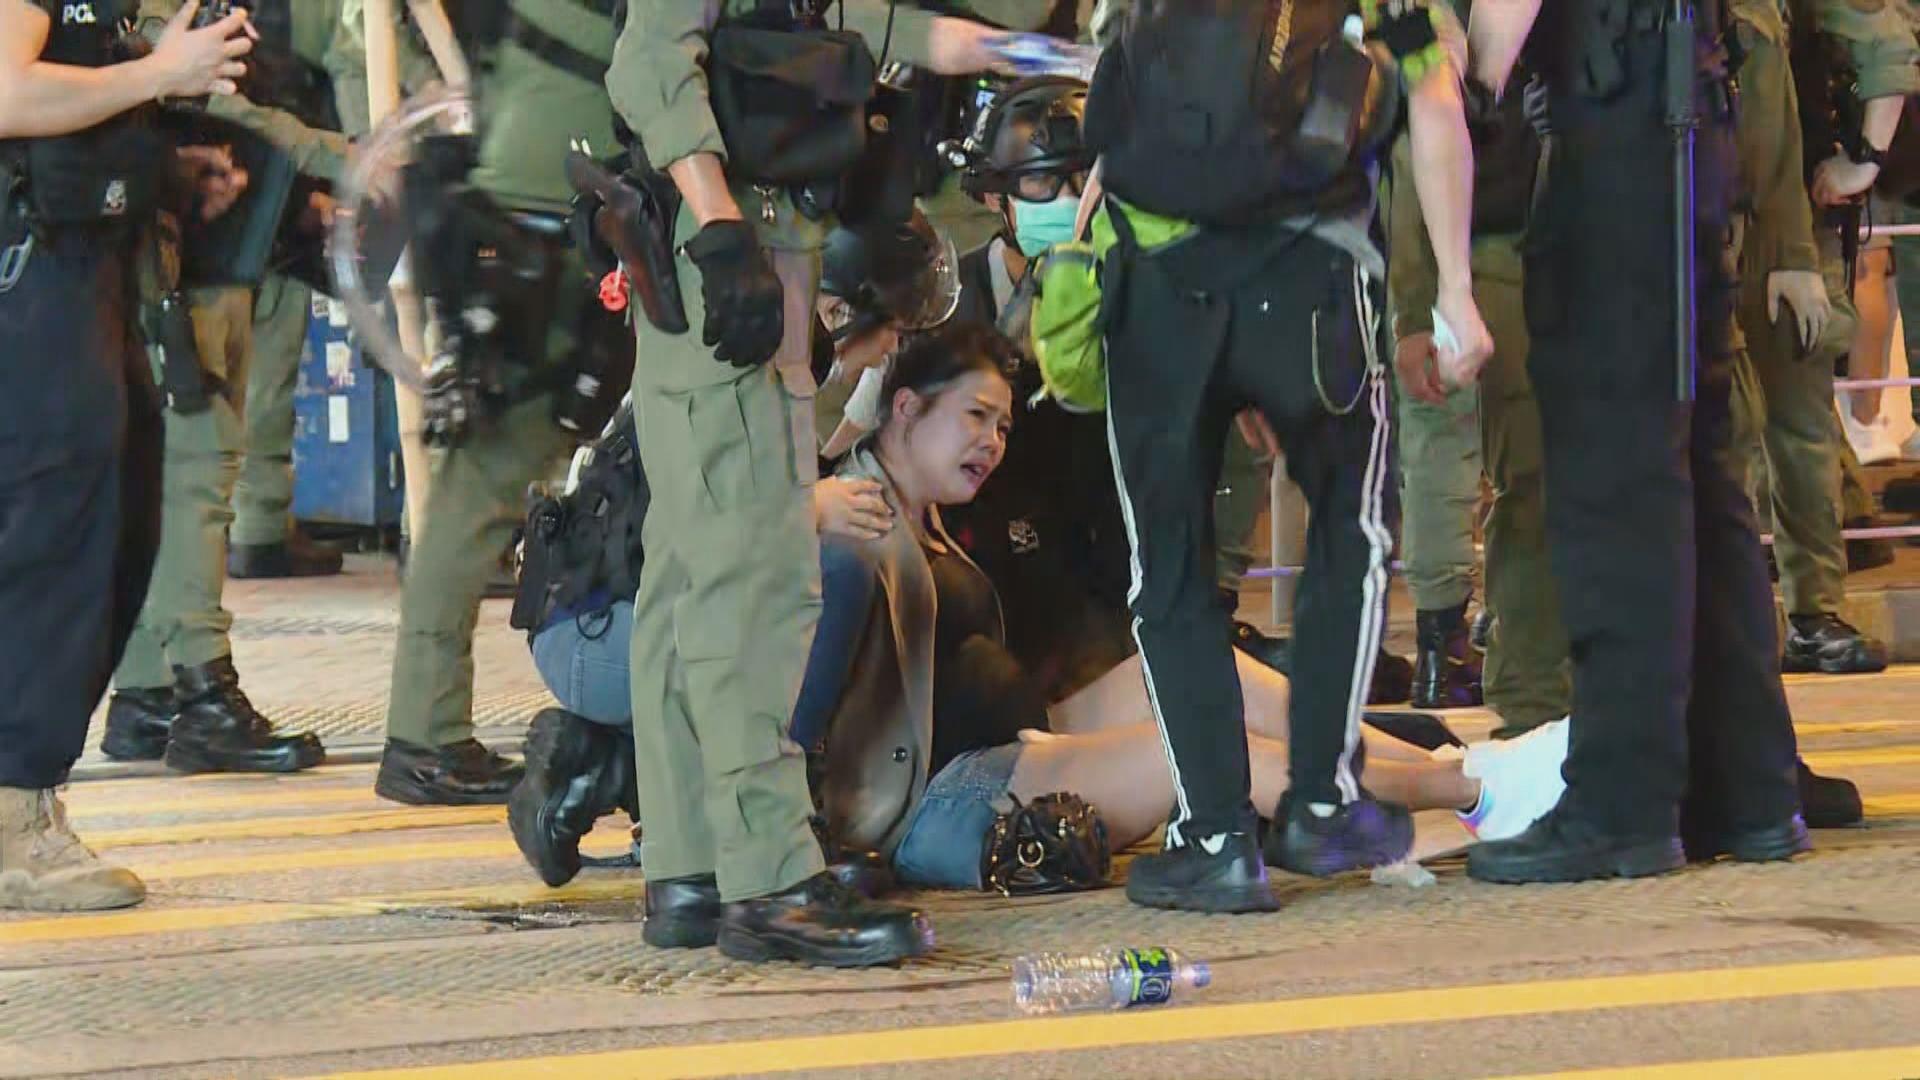 去年831事件一周年 被警員拉跌孕婦的丈夫獲釋